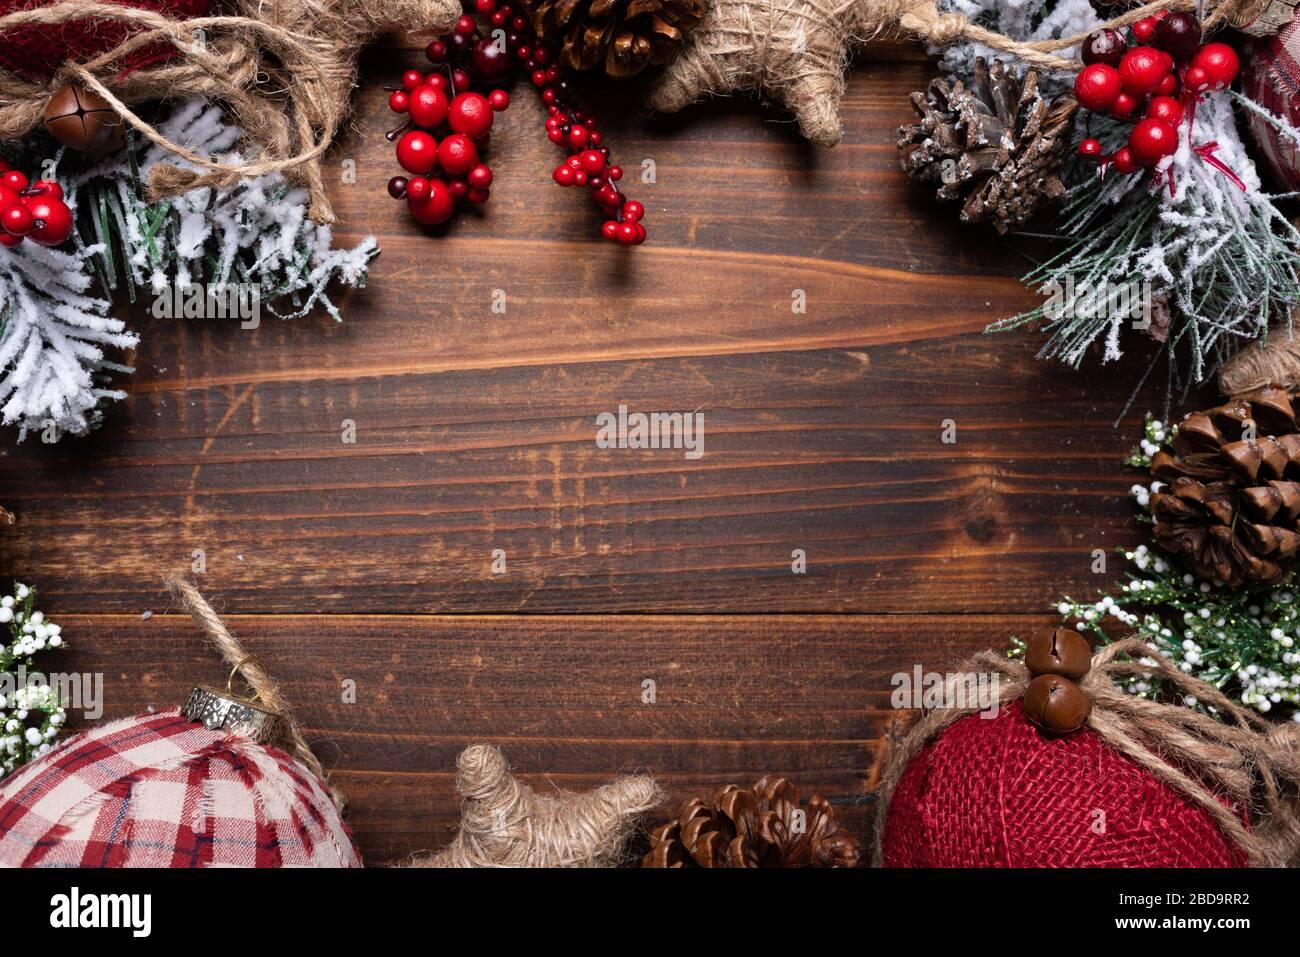 Décorations de Noël sur un fond de bois brun avec copie espace. Cônes de pin, Garland, baies et des branches de pins Banque D'Images